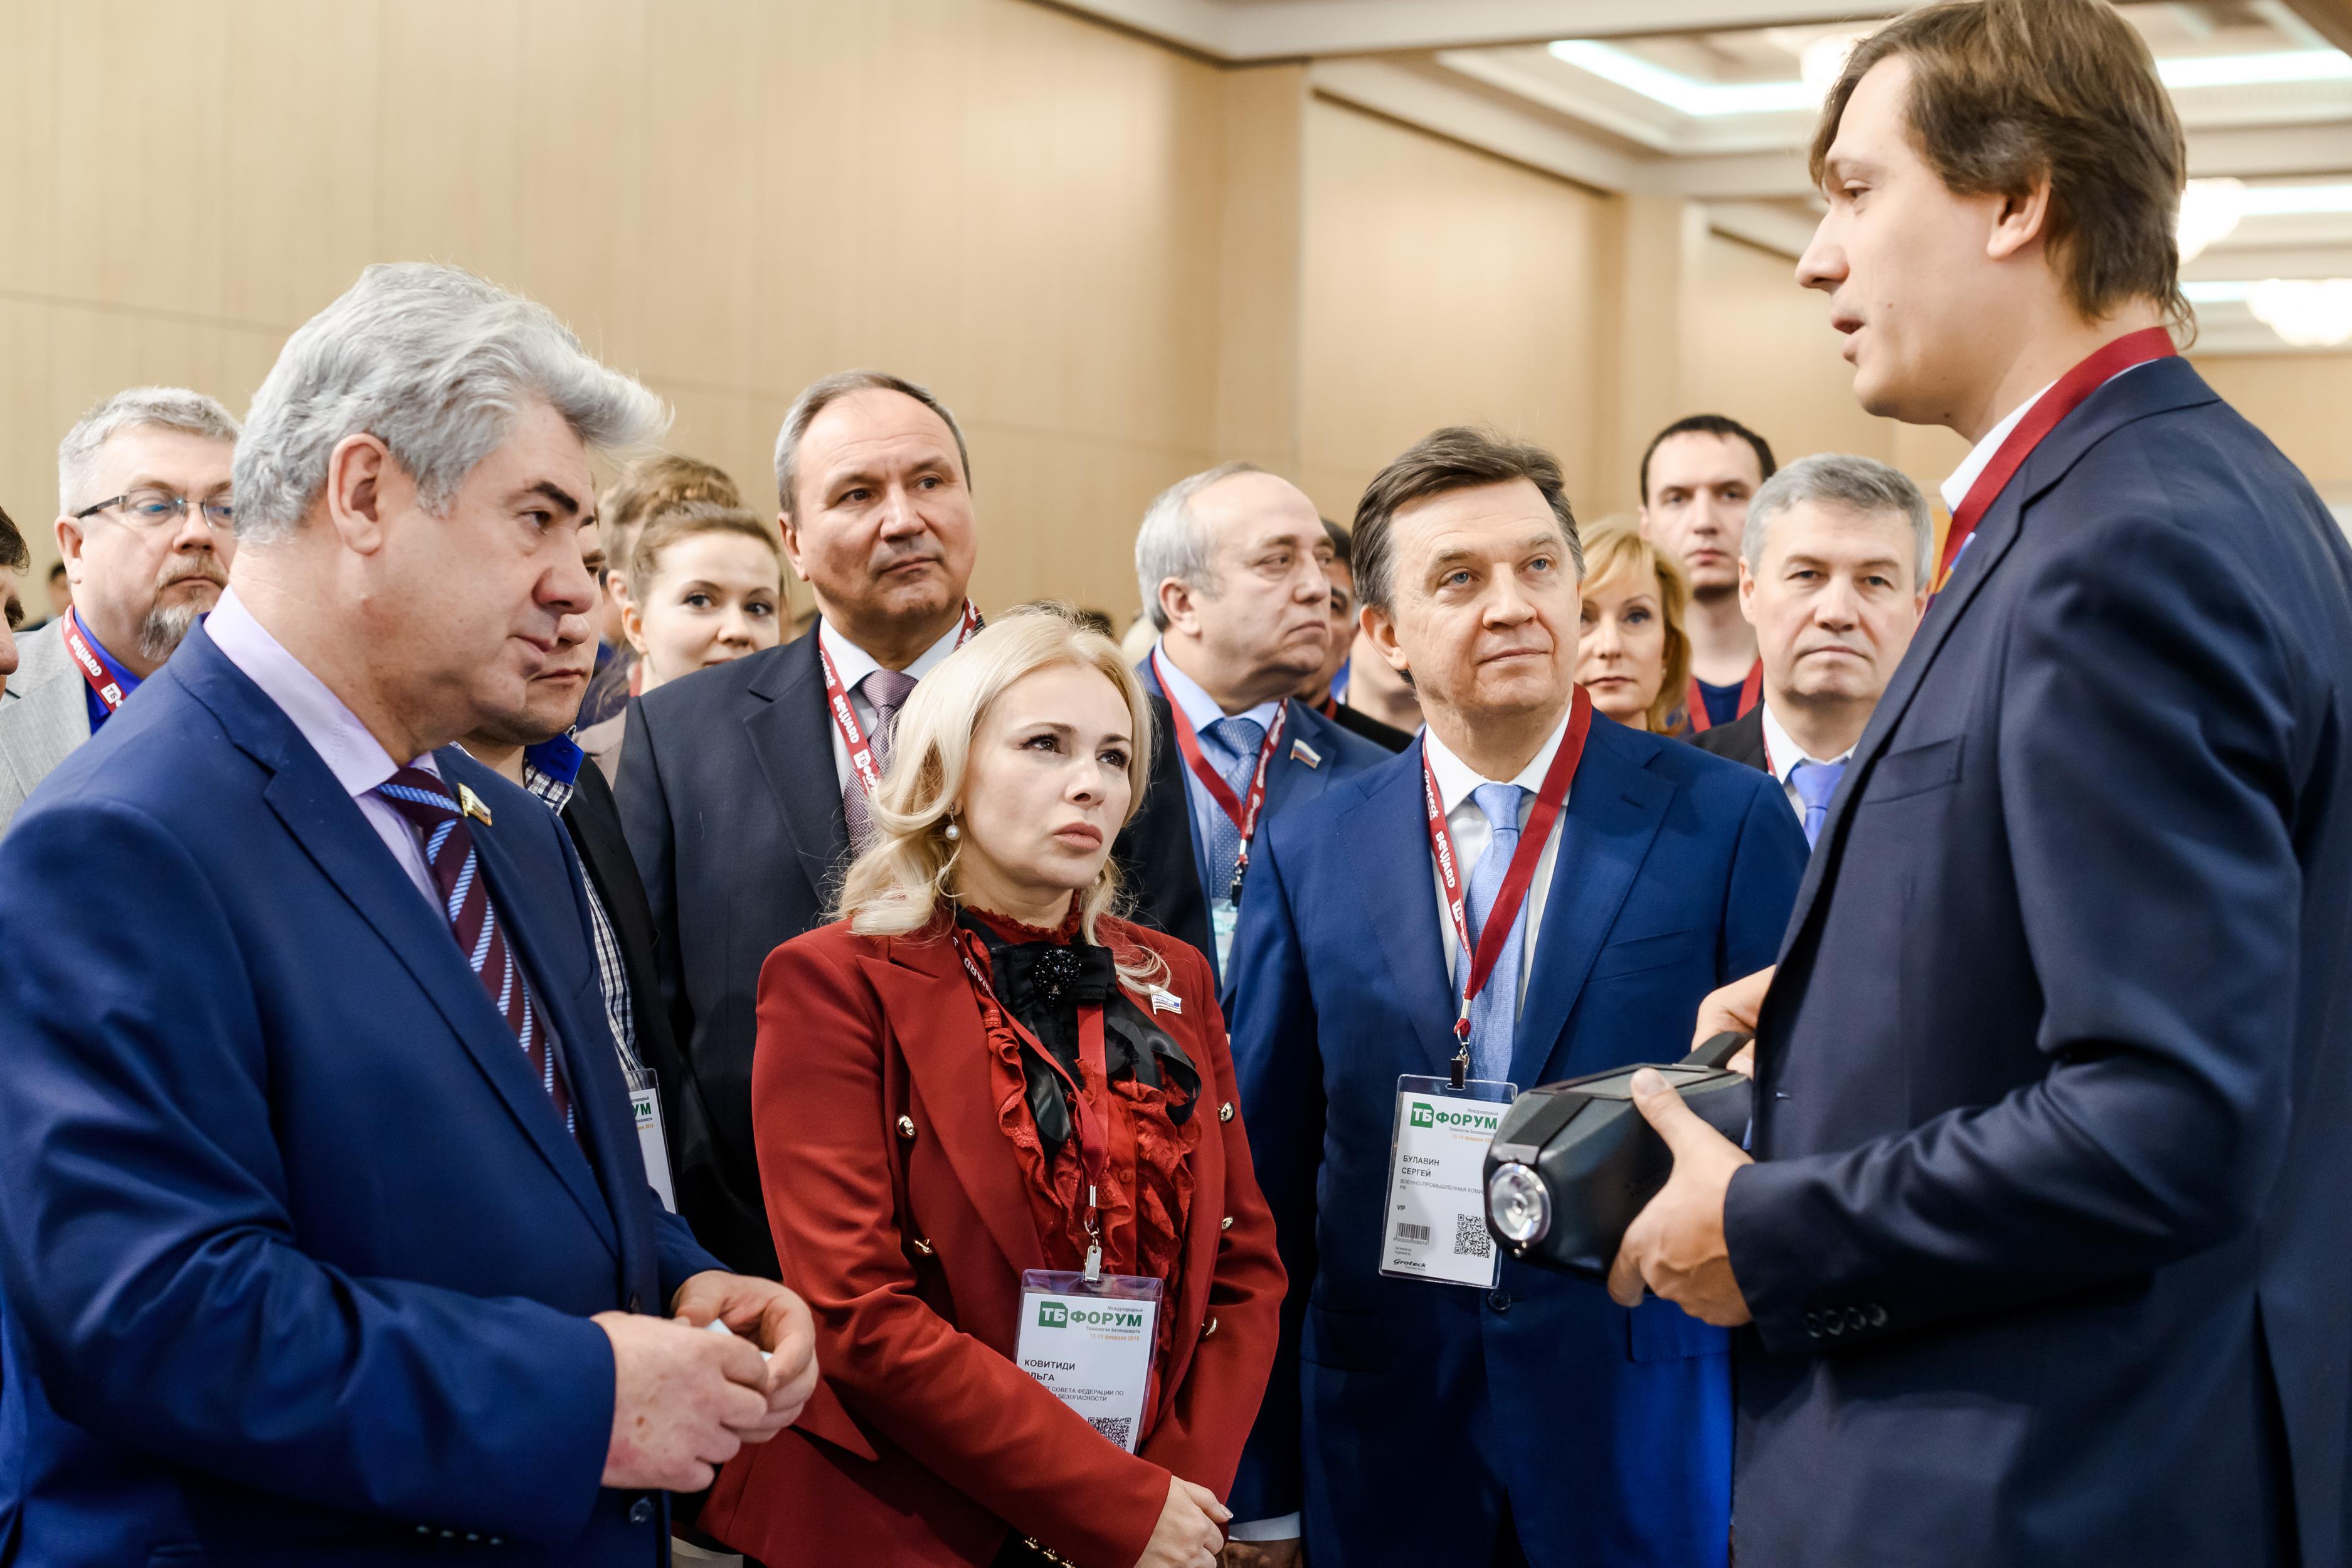 12-14 февраля! 11 отраслевых конференций и Всероссийский смотр решений и технологий на ТБ Форуме 2019